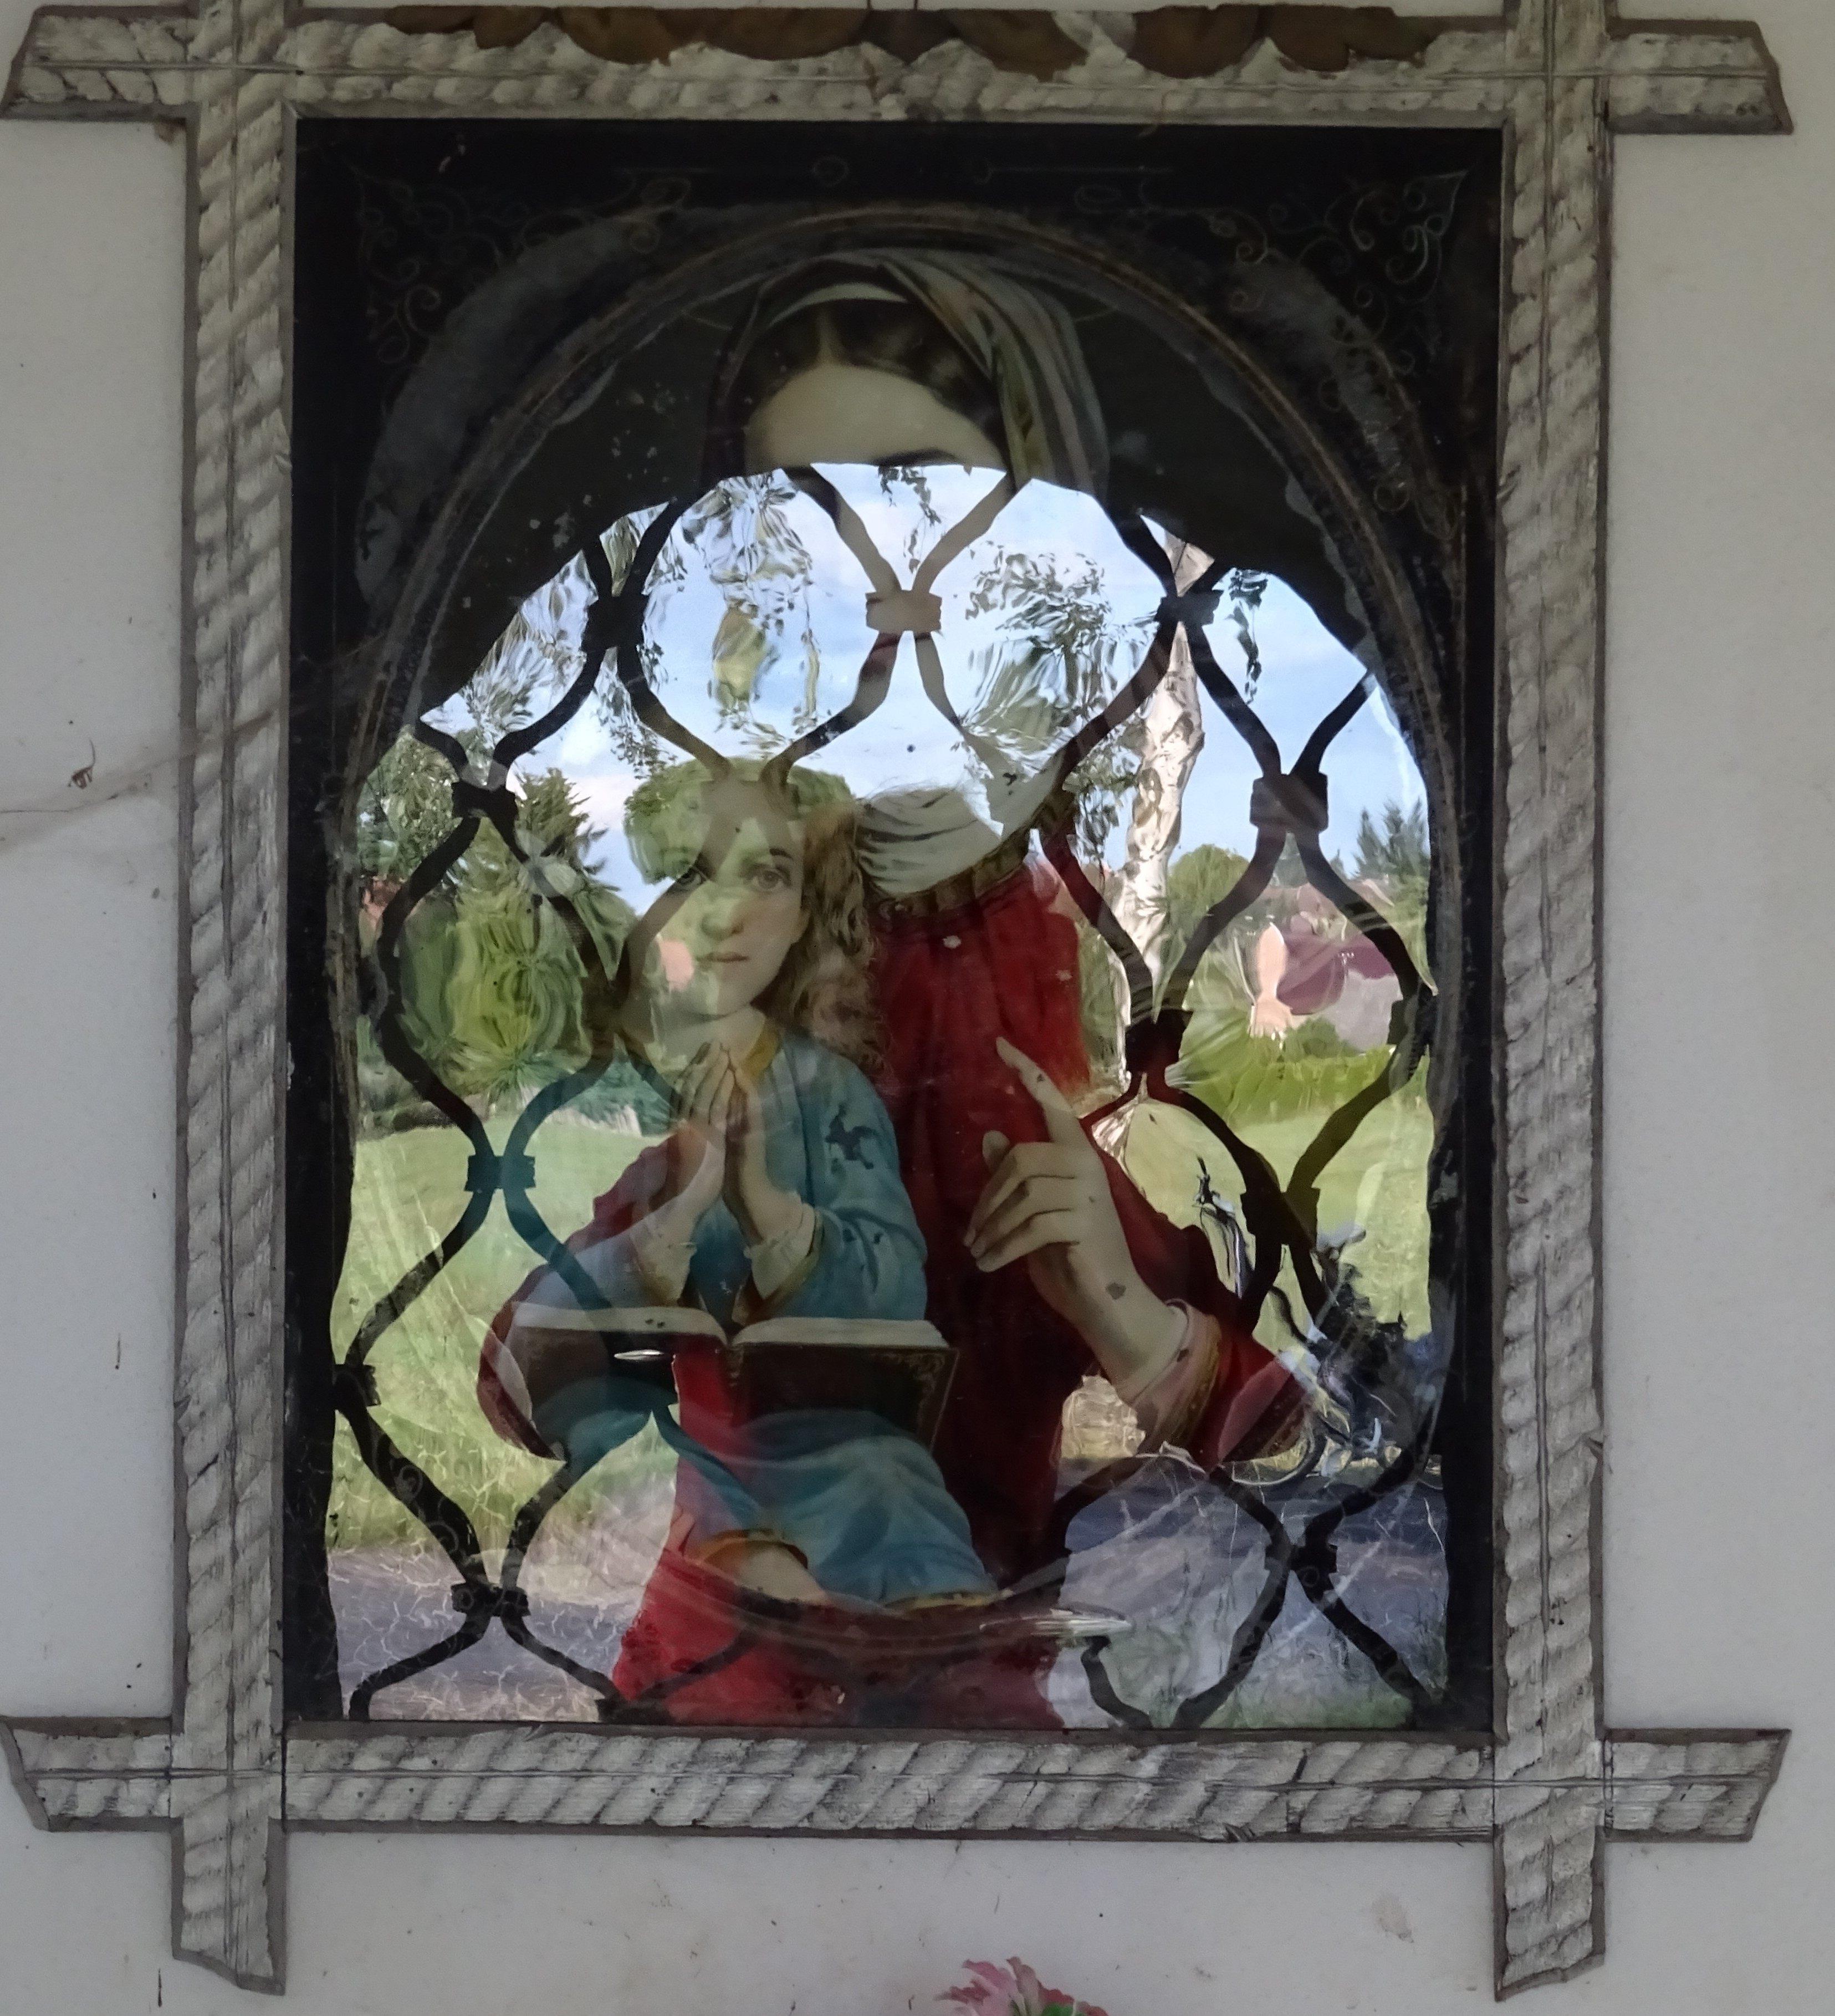 kaple-interiér-1